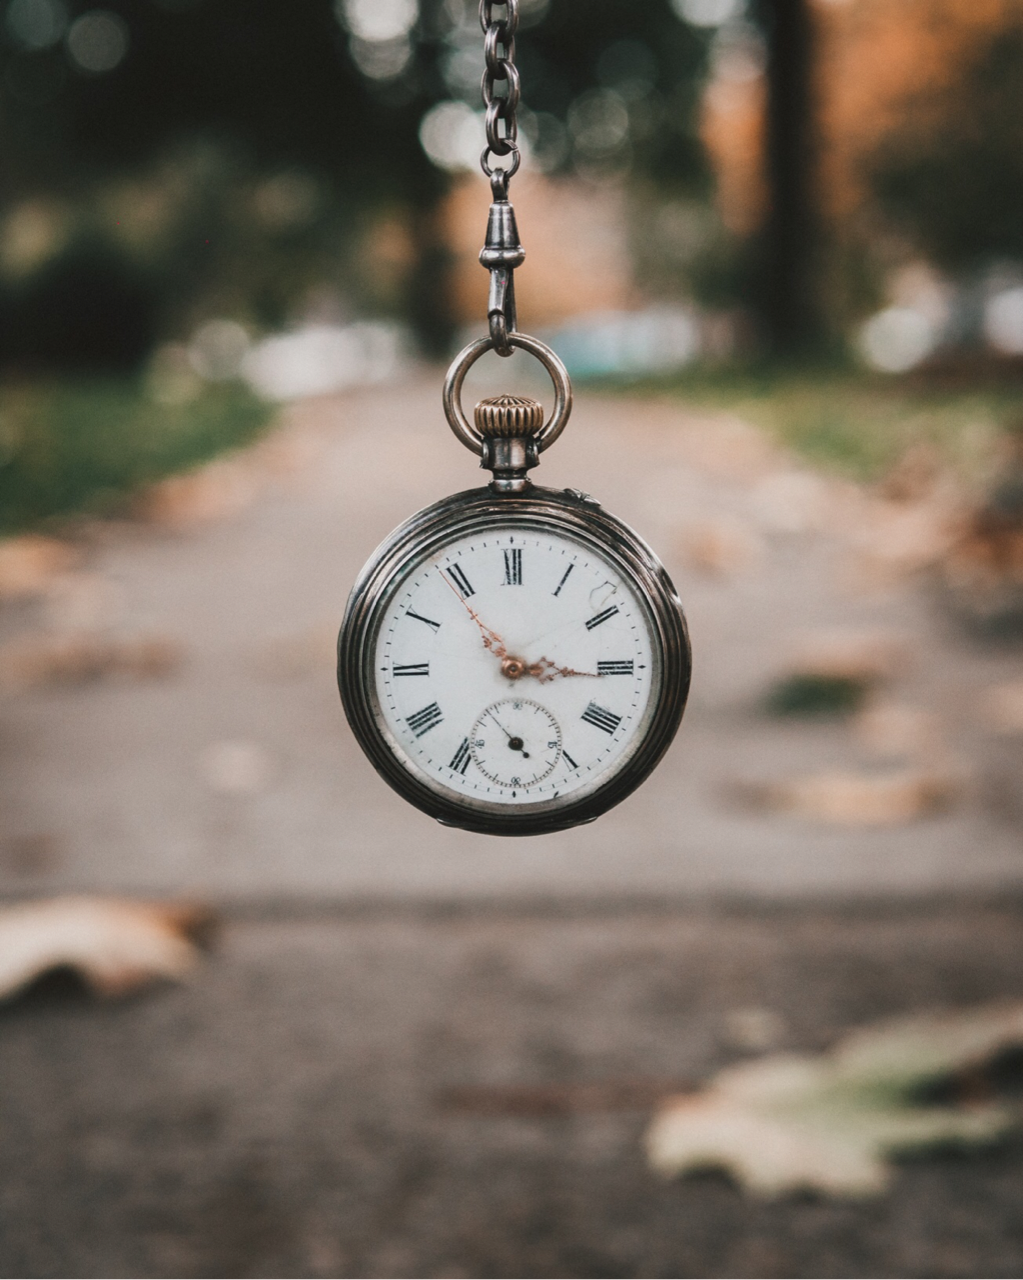 orologio a pendolo sopra una strada - foto in CC tatianaberlaffa.com